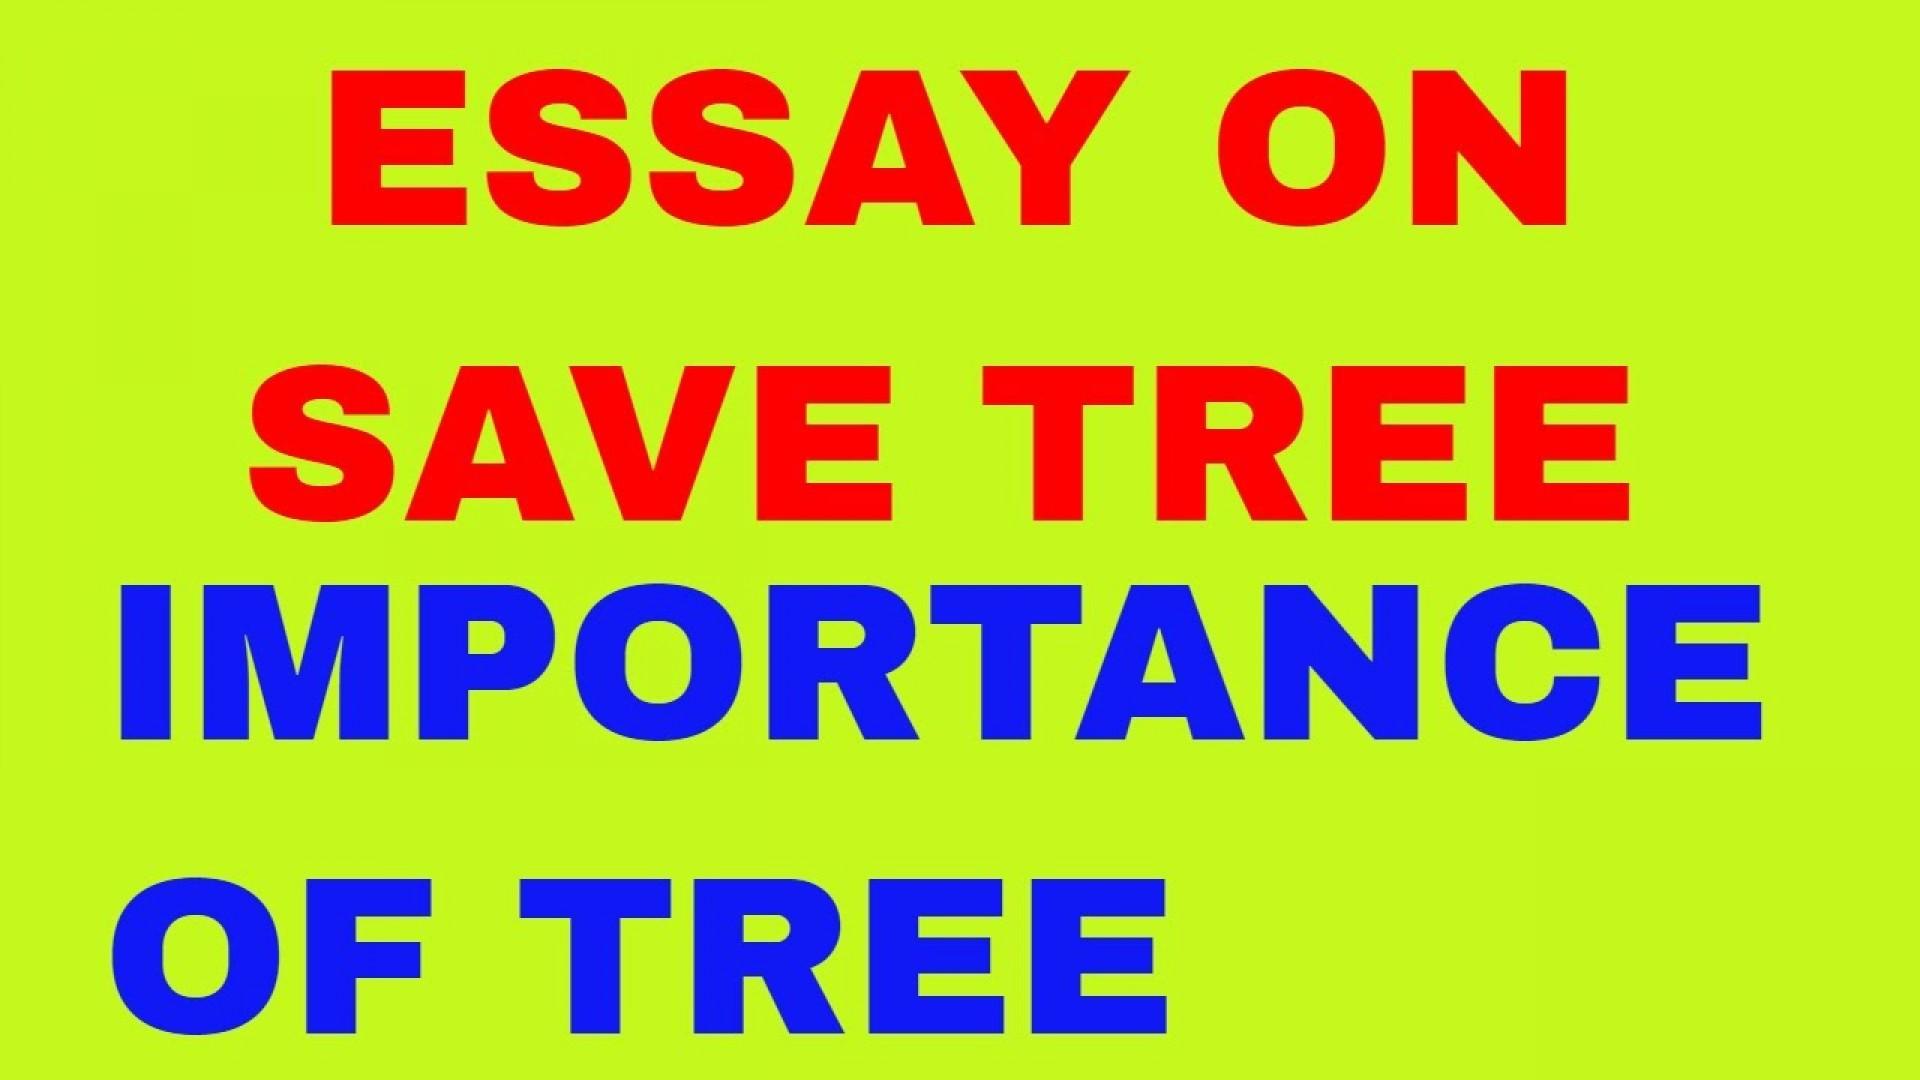 011 Save Water Essay Wikipedia Example Awful Life In Tamil Gujarati 1920